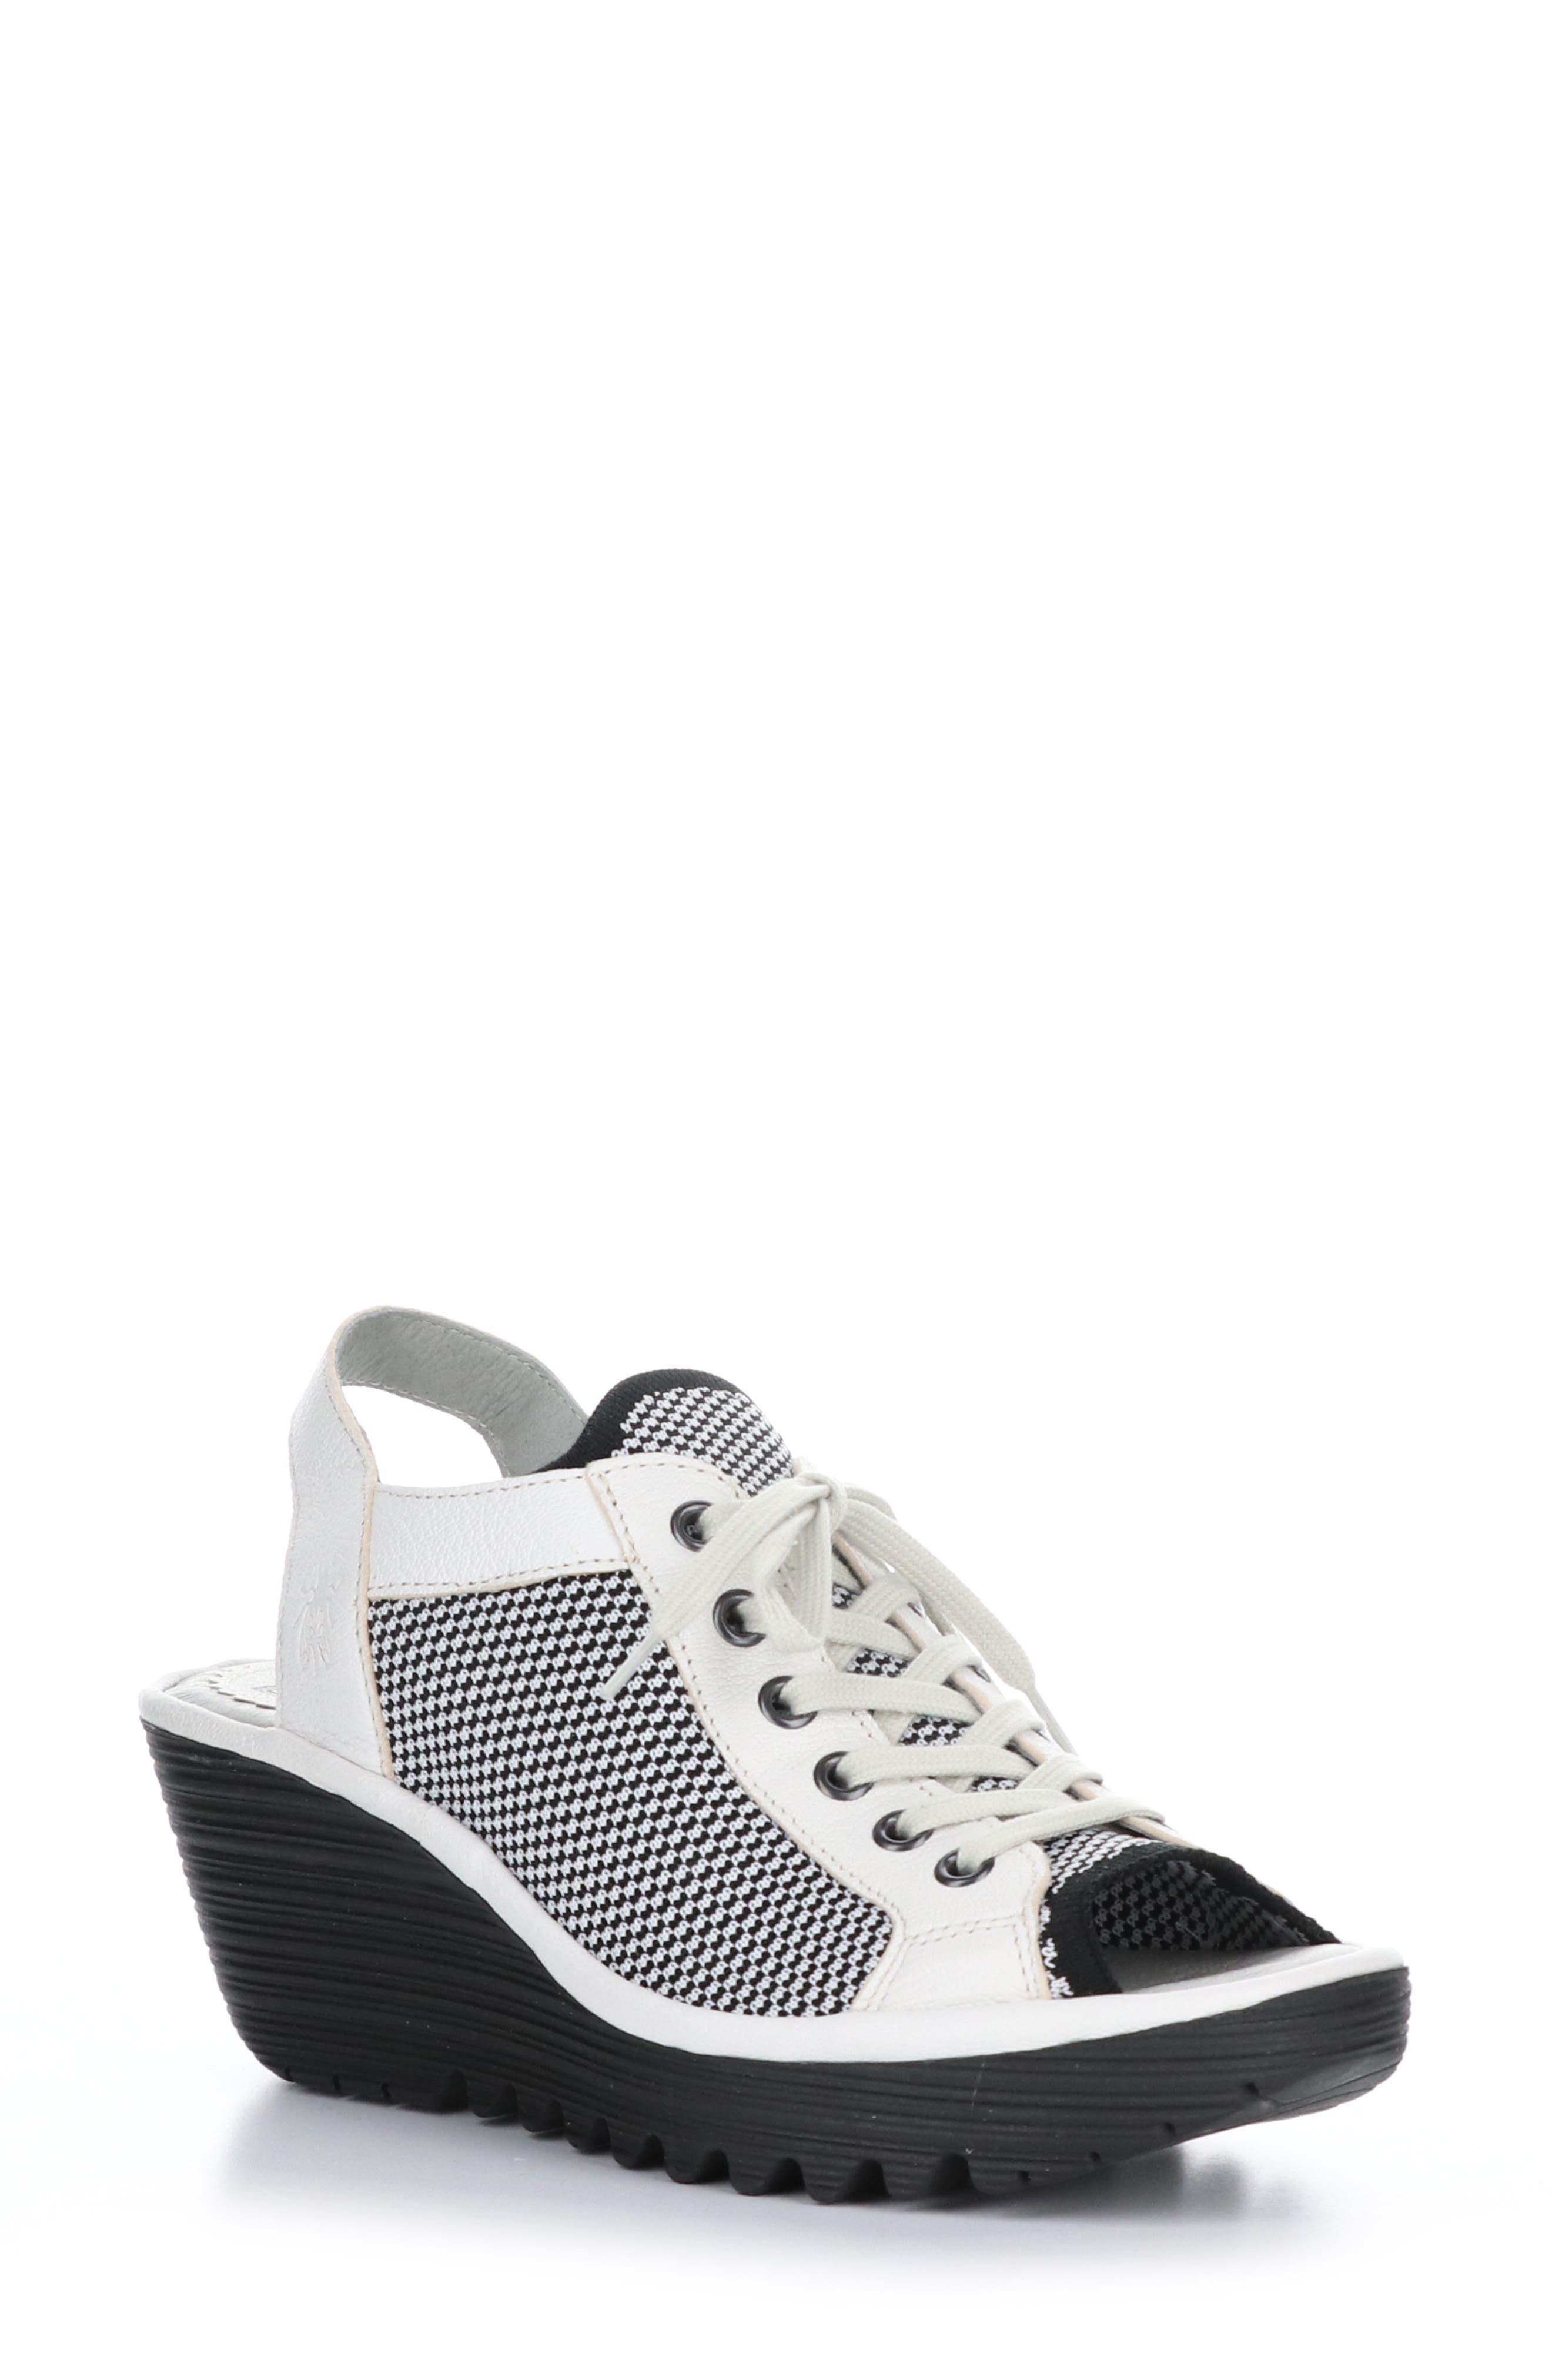 Yedu Lace-Up Wedge Sandal